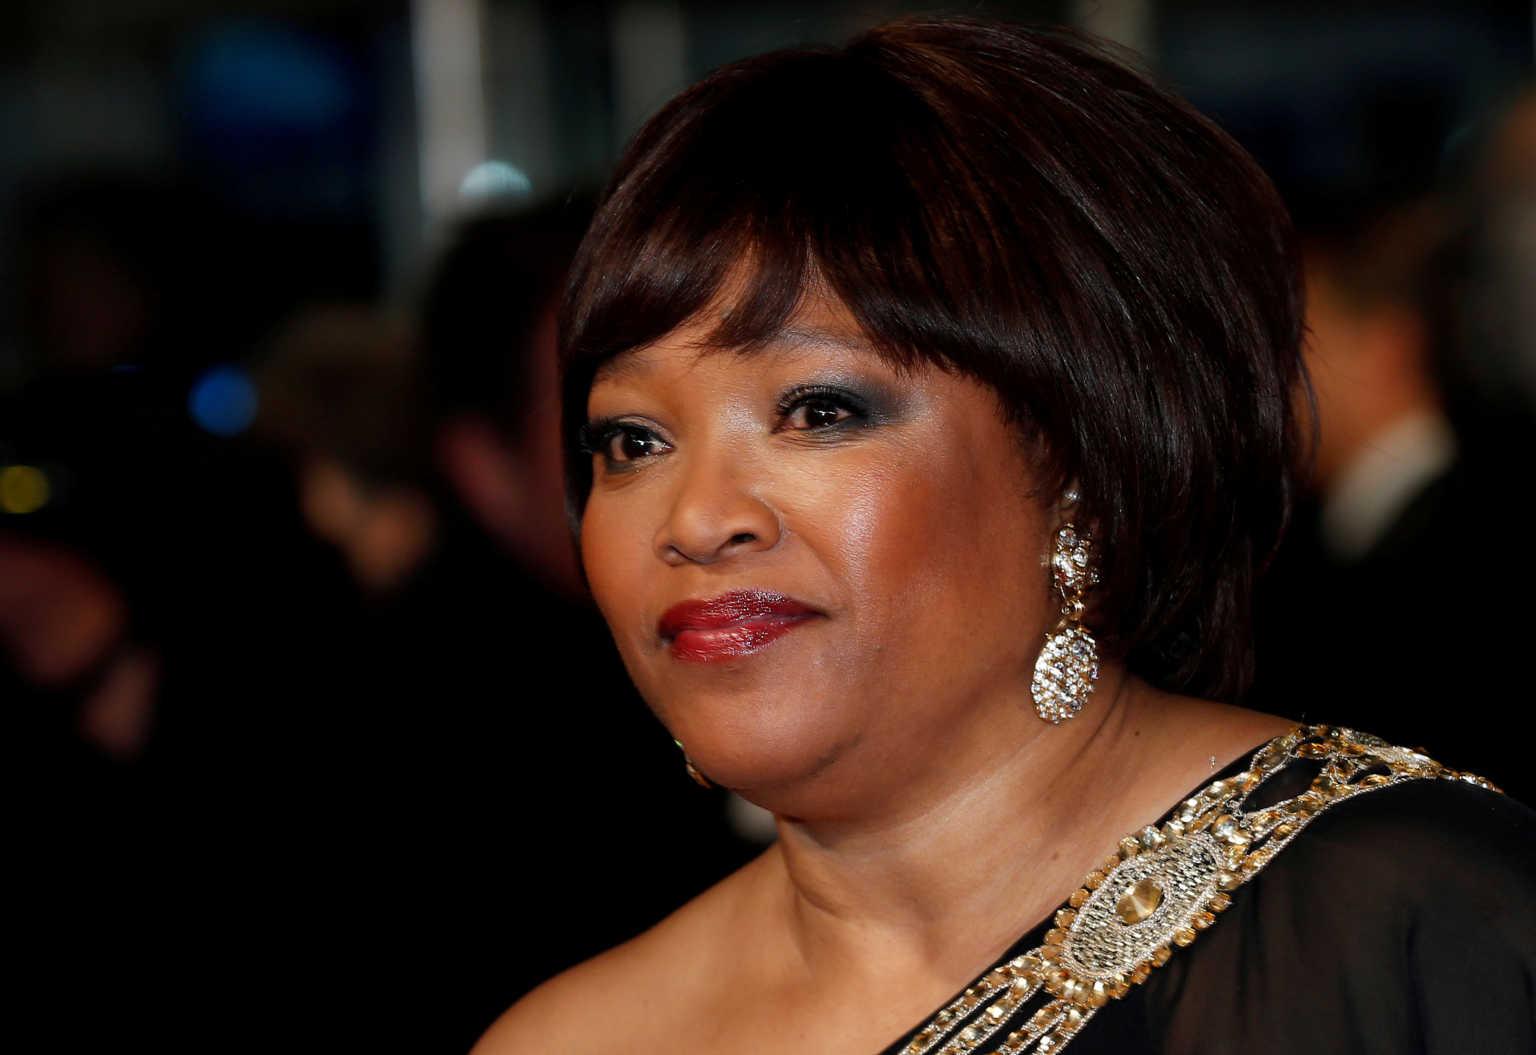 Πέθανε η κόρη του Νέλσον Μαντέλα, Ζίντζι